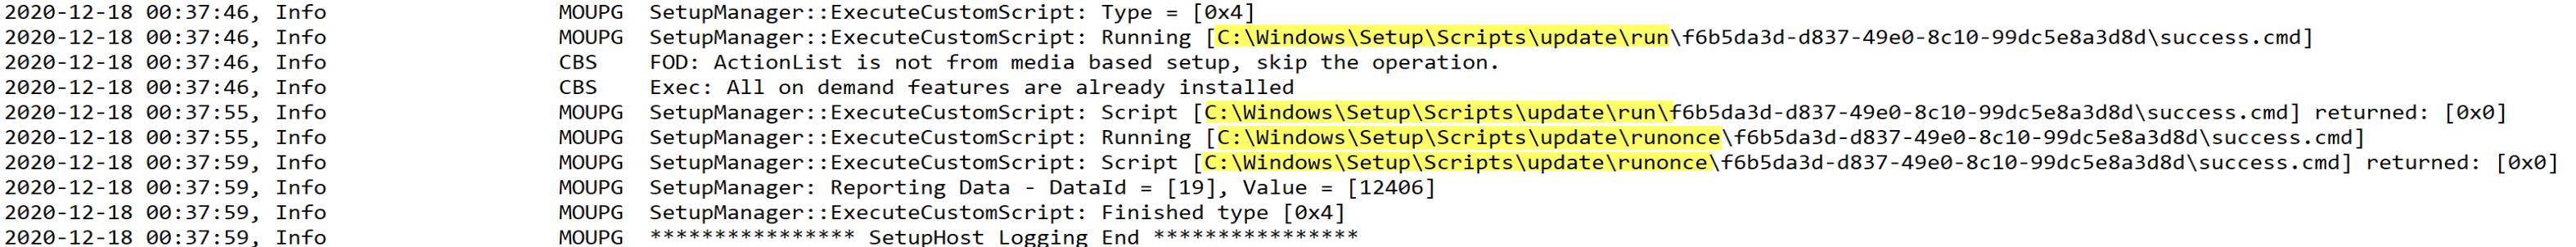 CustomActionScripts 17